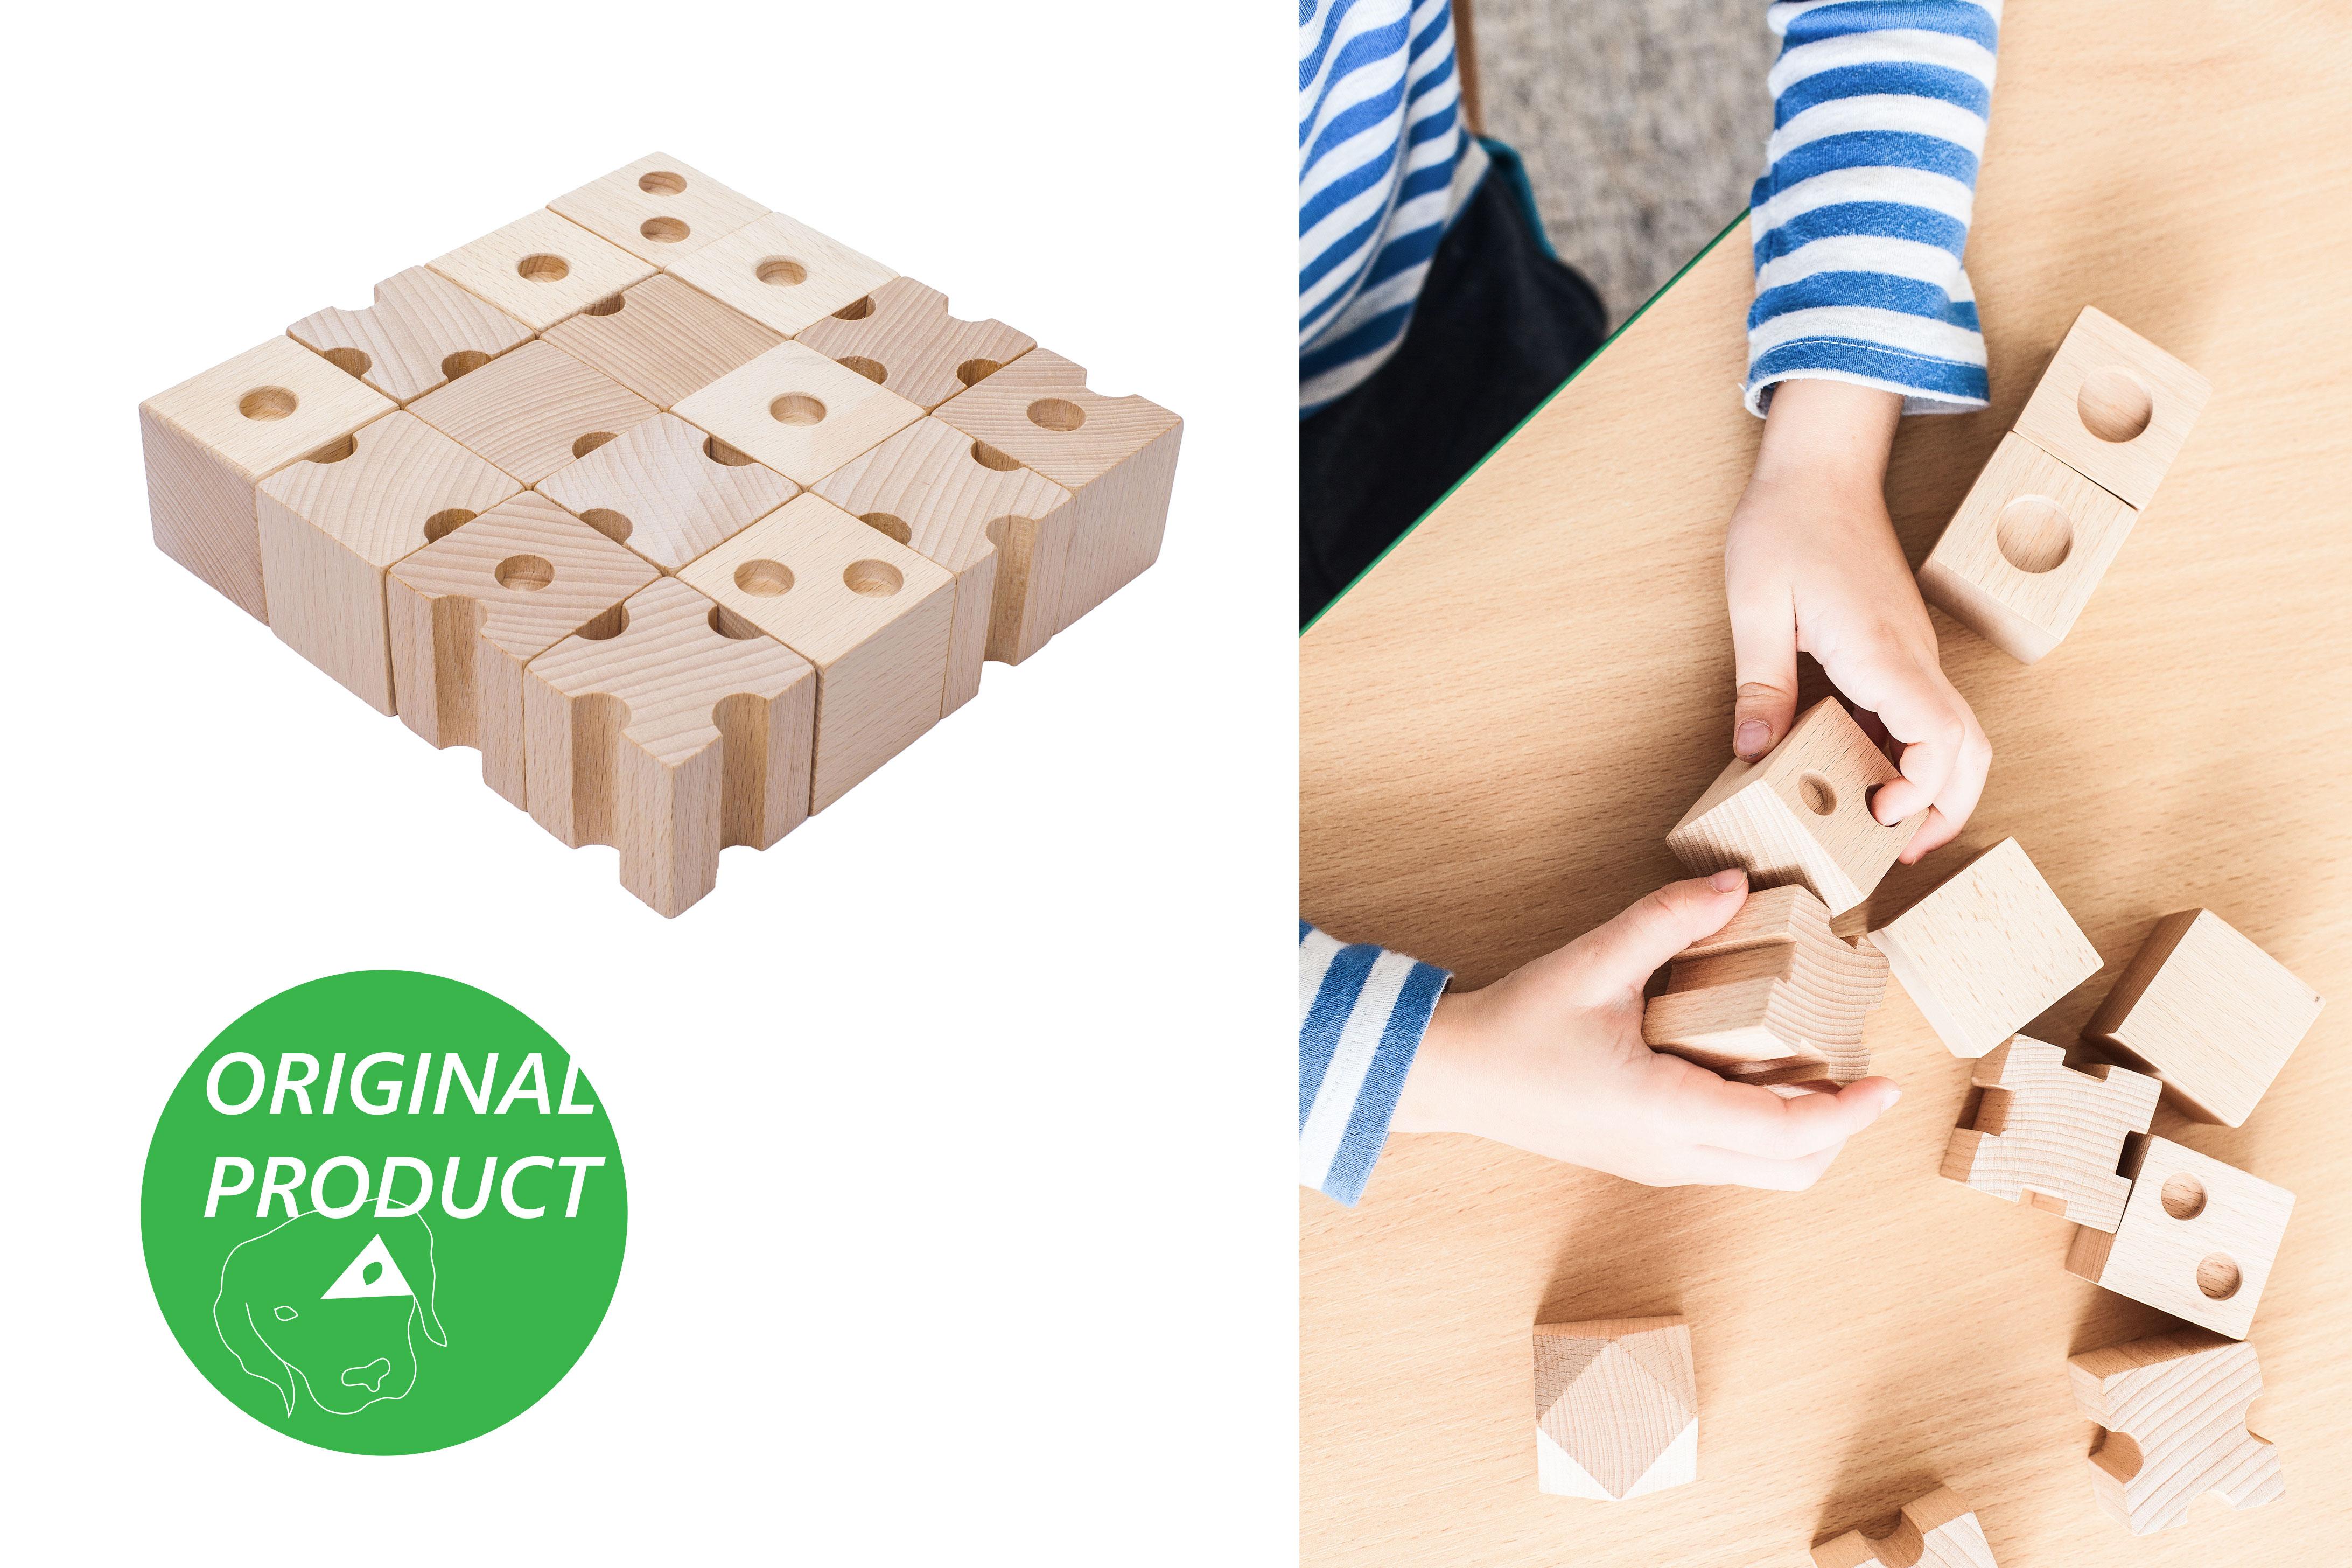 CODY DĚTSKÉ POMŮCKY Dřevěné hmatové kostky 2. stupeň obtížnosti